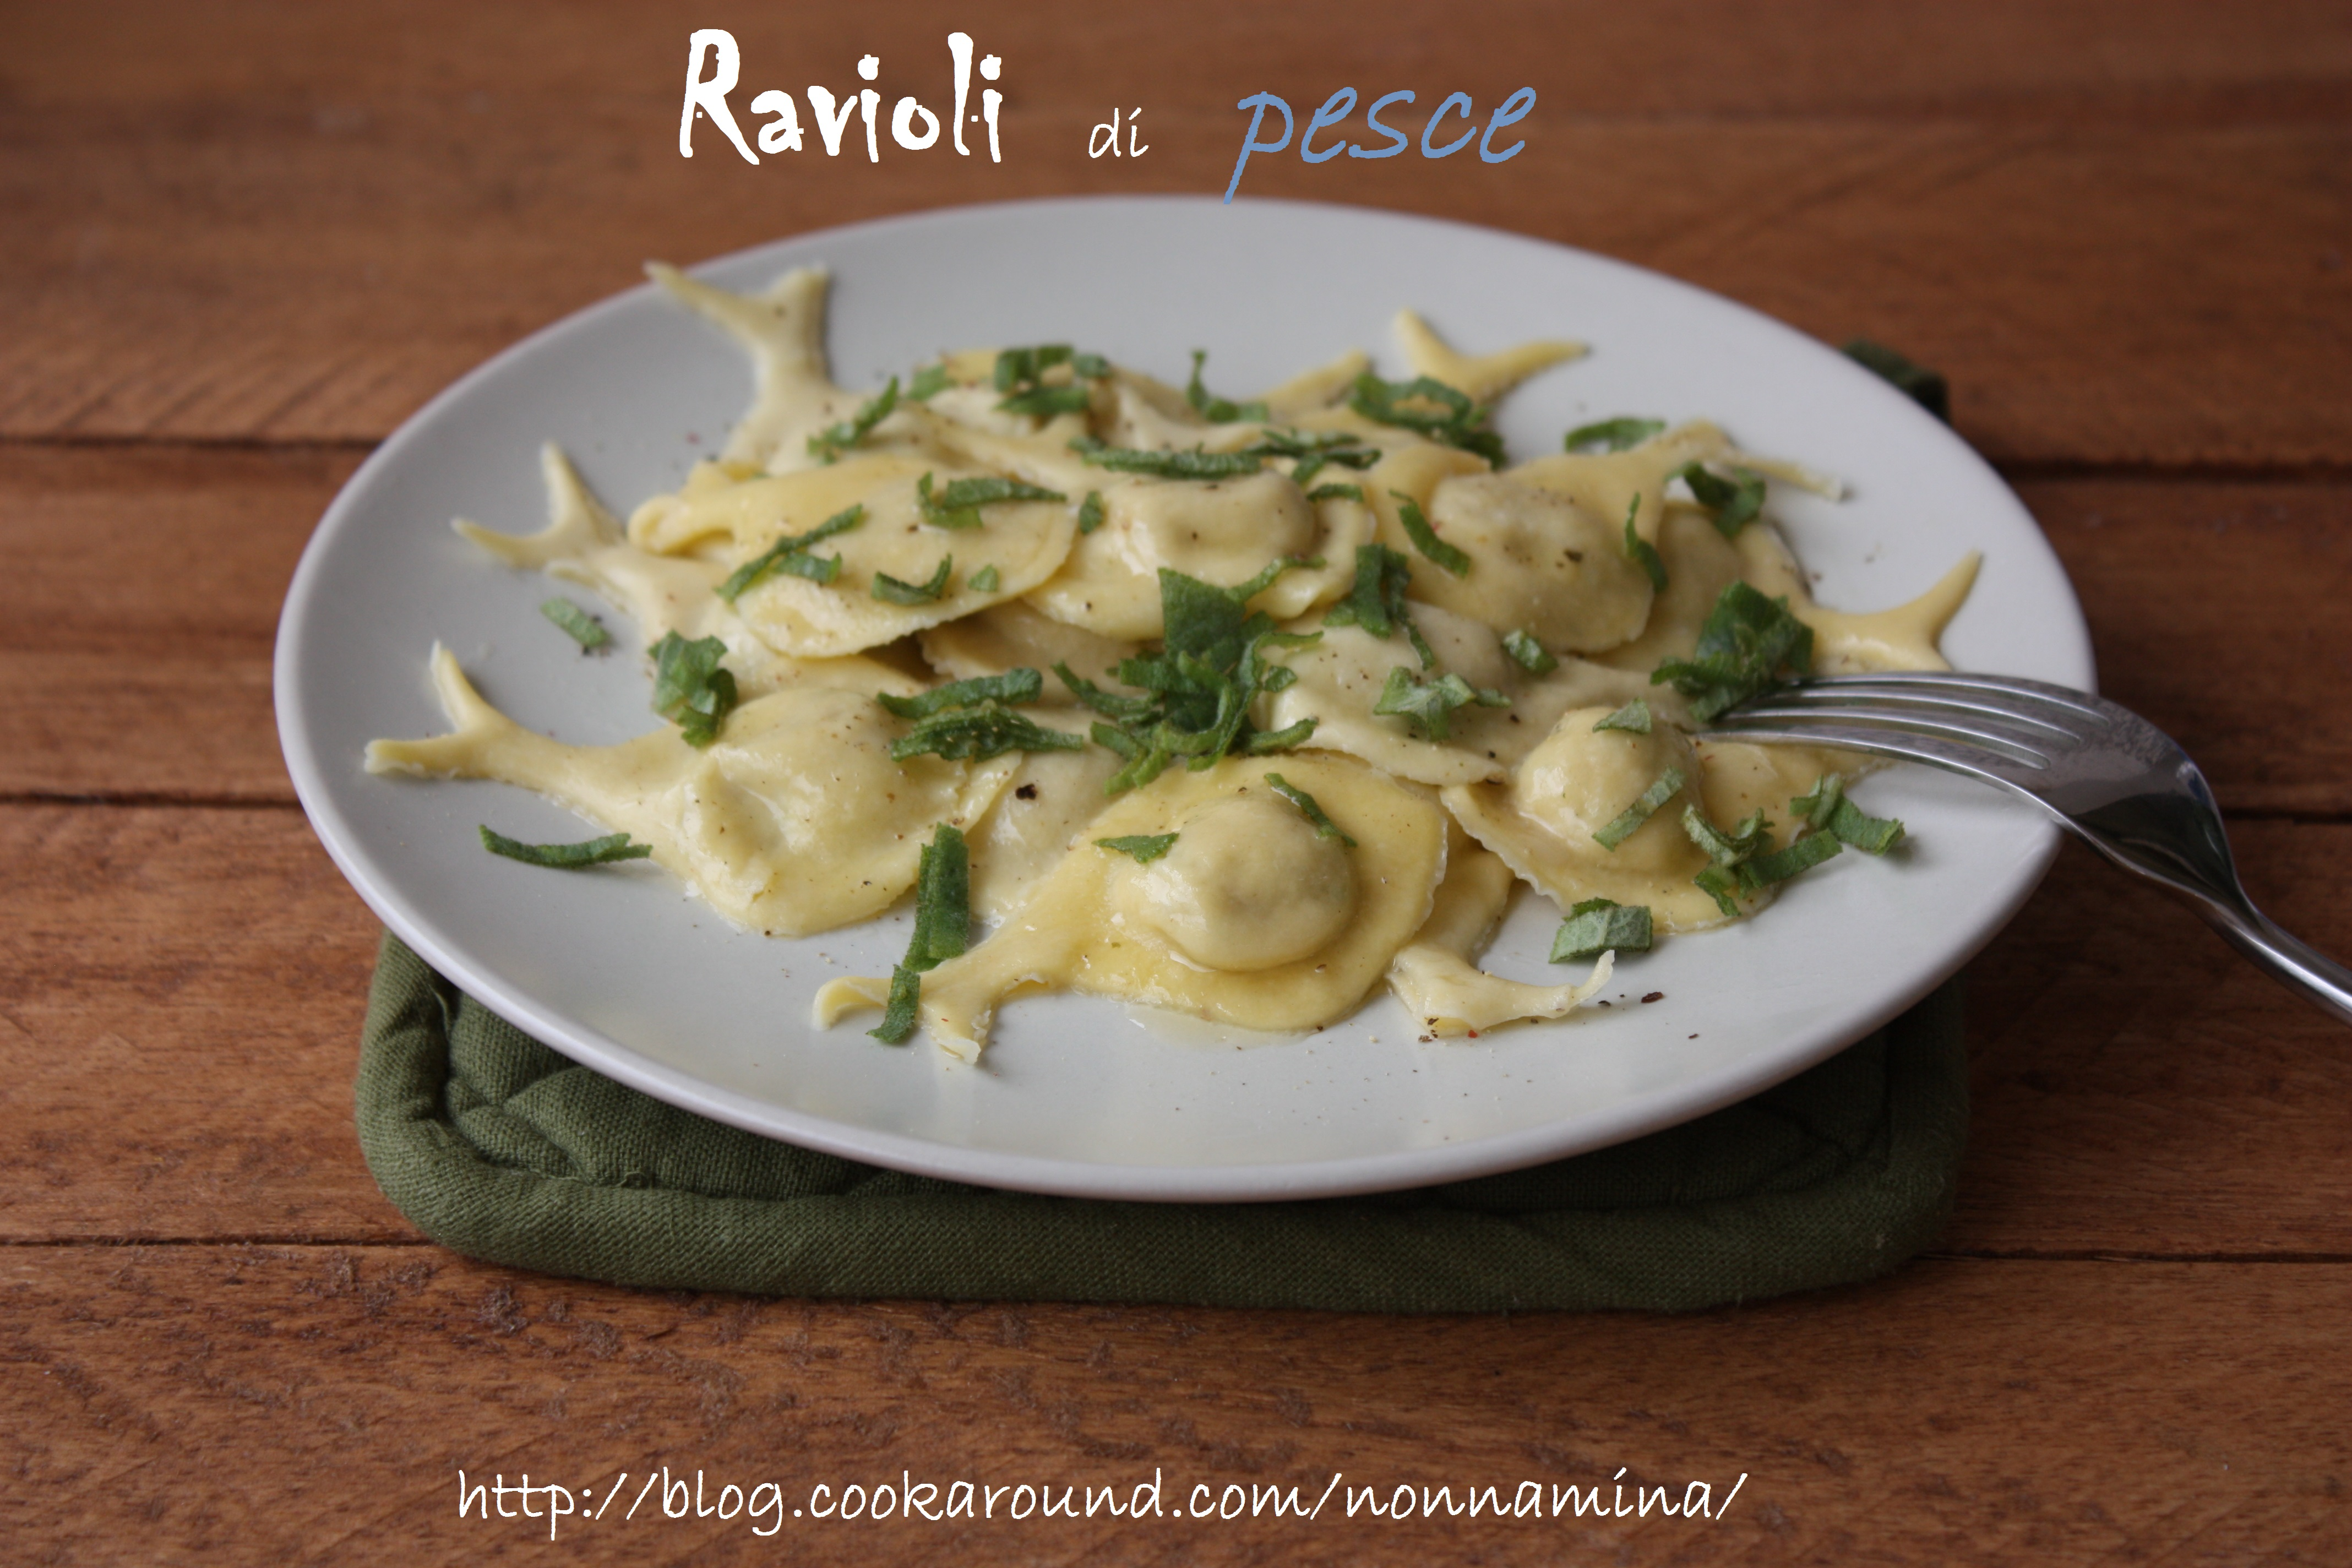 Ricerca ricette con ravioli fatti in casa ricetta - Faretti in casa ...